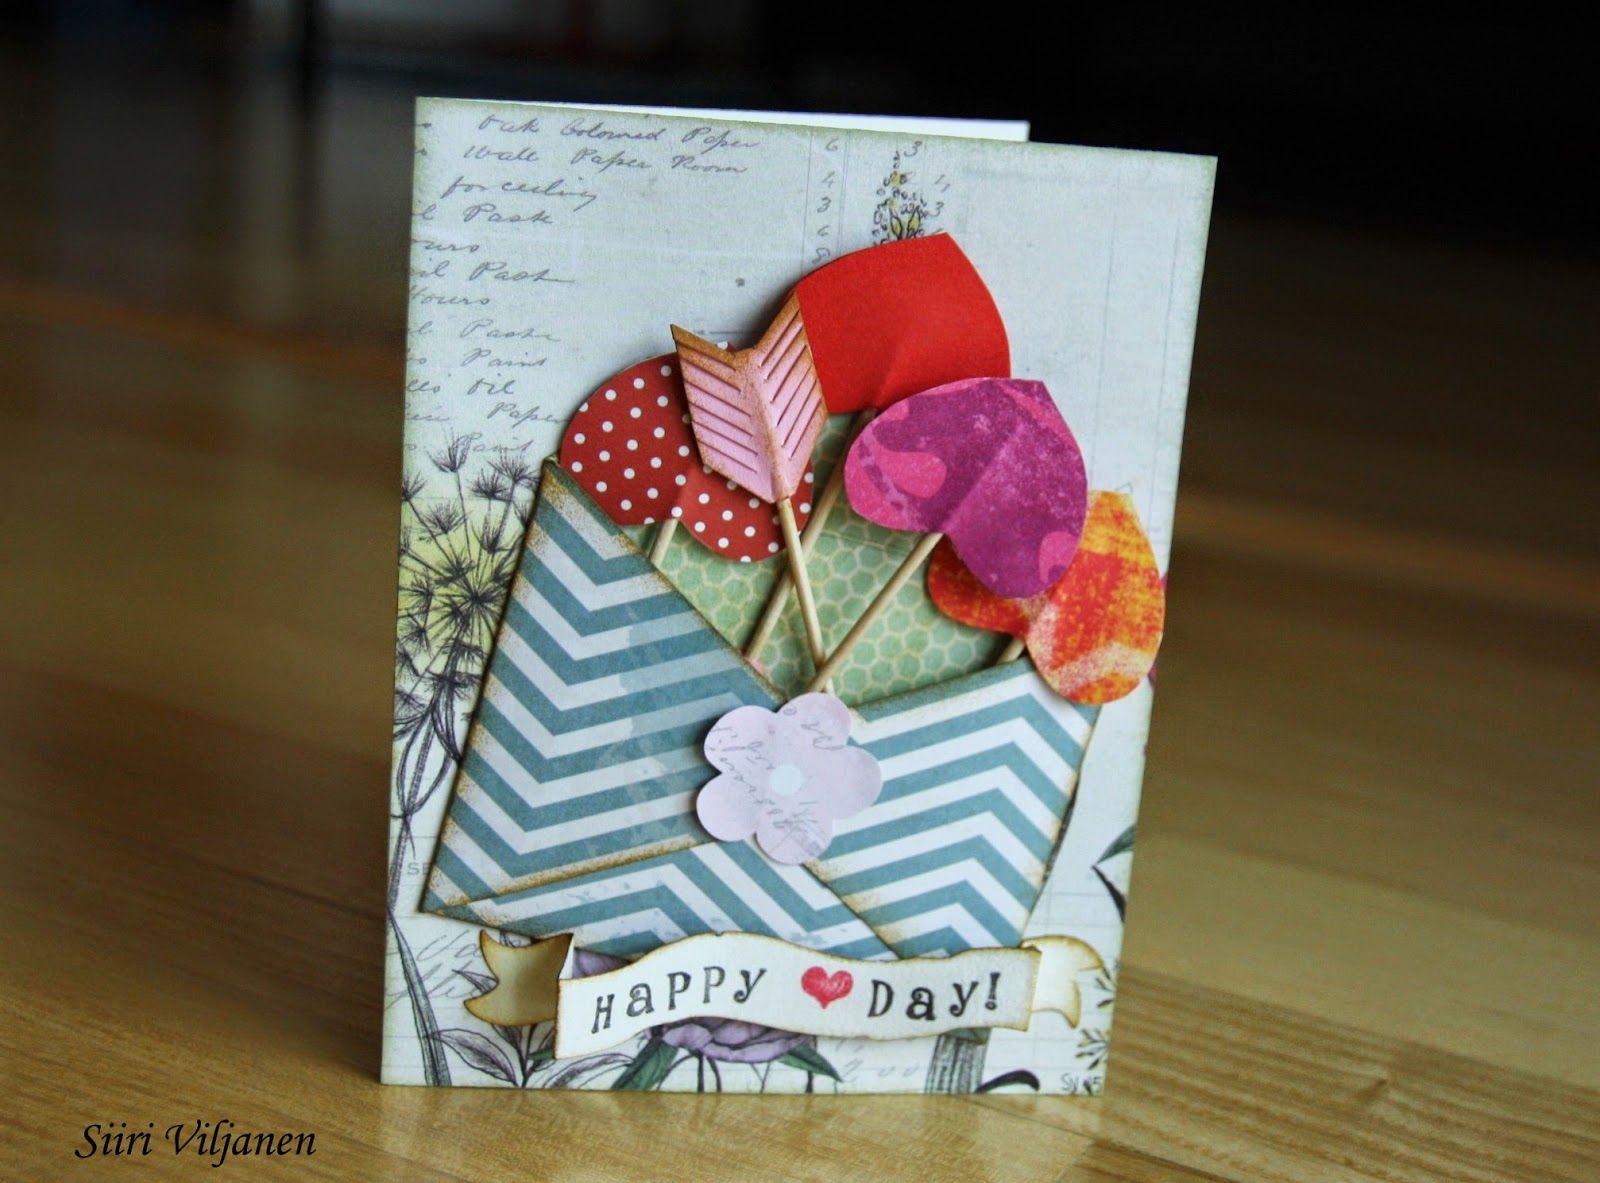 Käsitöitä flamencohame hulmuten * Siiri Viljanen - Ystävänpäivä * Valentine's day card